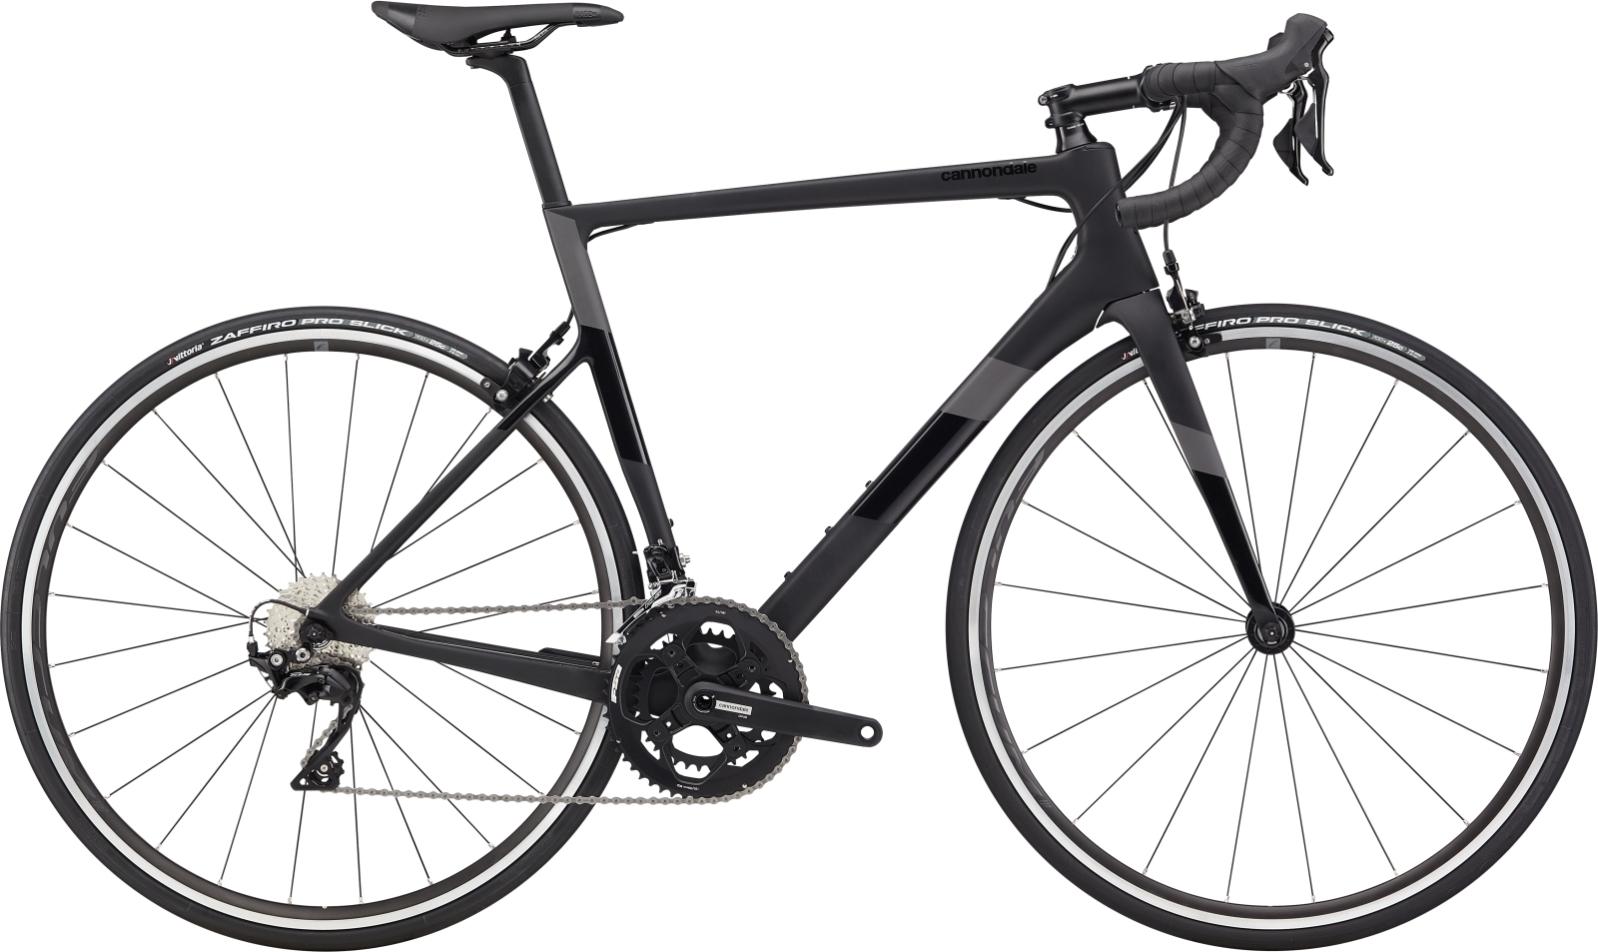 Cannondale Super Six Evo Carbon 105 52/36 országúti kerékpár - fekete - 56 cm (2020)